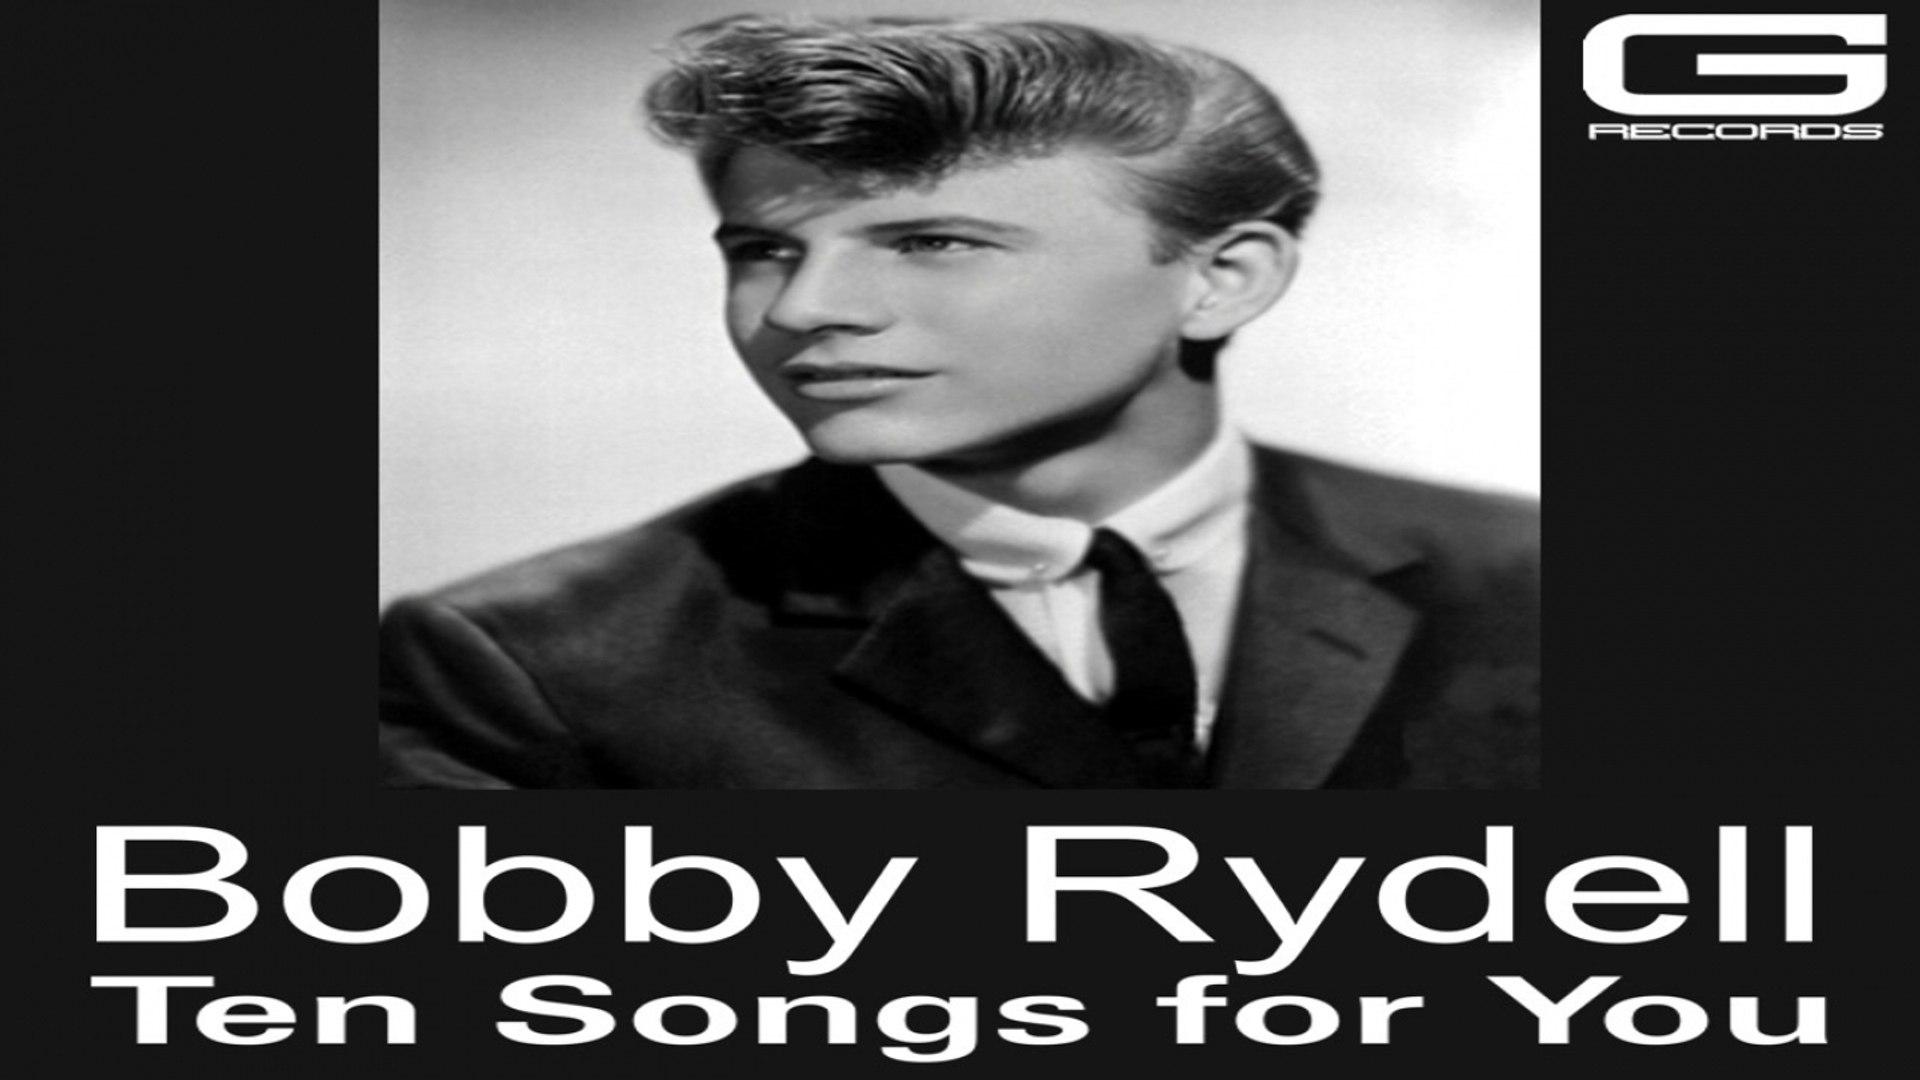 Bobby Rydell - Kissin time